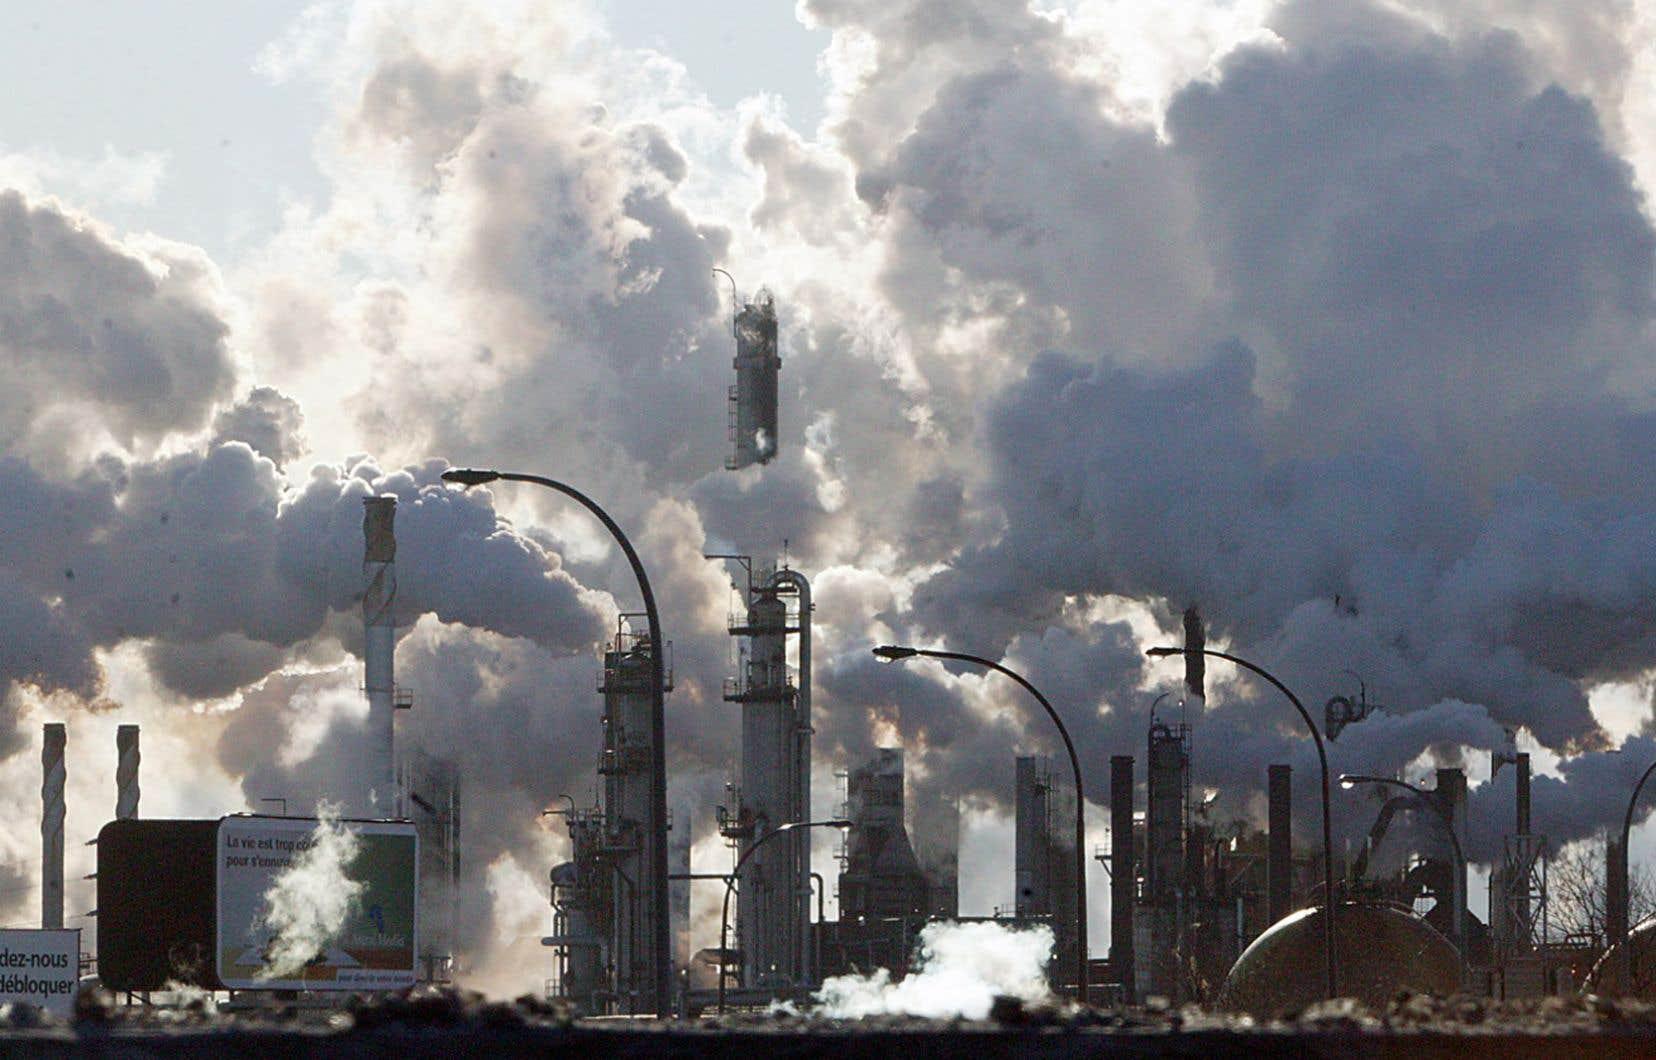 Le directeur parlementaire du budget a calculé que cette tarification doit atteindre au moins 102$la tonne d'ici 2030, afin de contribuer à la réduction des émissions de gaz à effet de serre au pays.